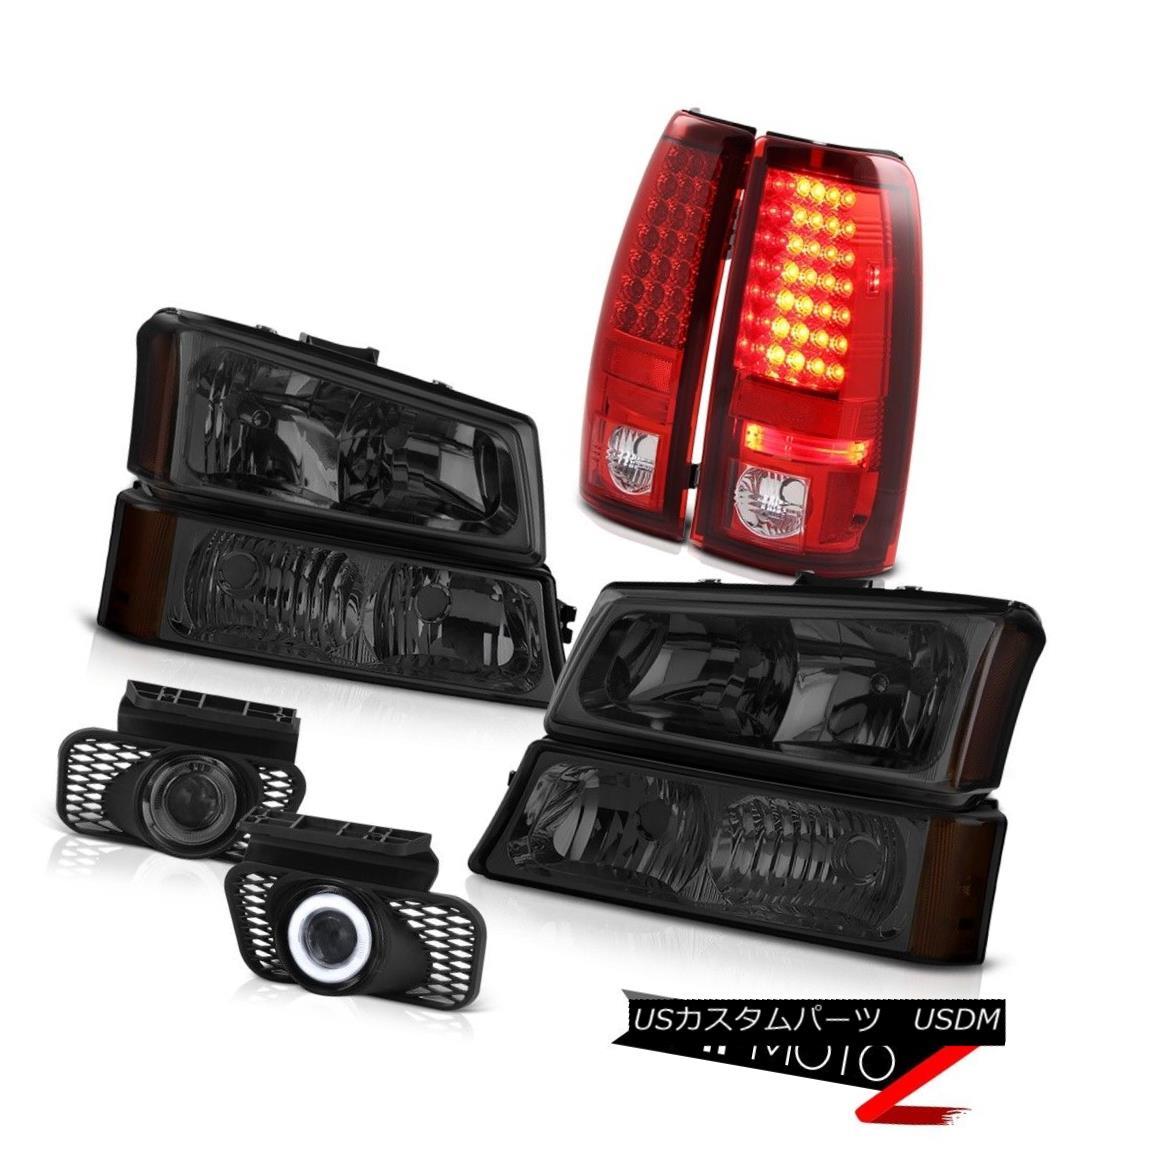 テールライト Smoked Headlight Signal Bumper LED Tail Lights DRL Foglamps 2005 2006 Silverado スモークヘッドライト信号バンパーLEDテールライトDRL Foglamps 2005 2006 Silverado